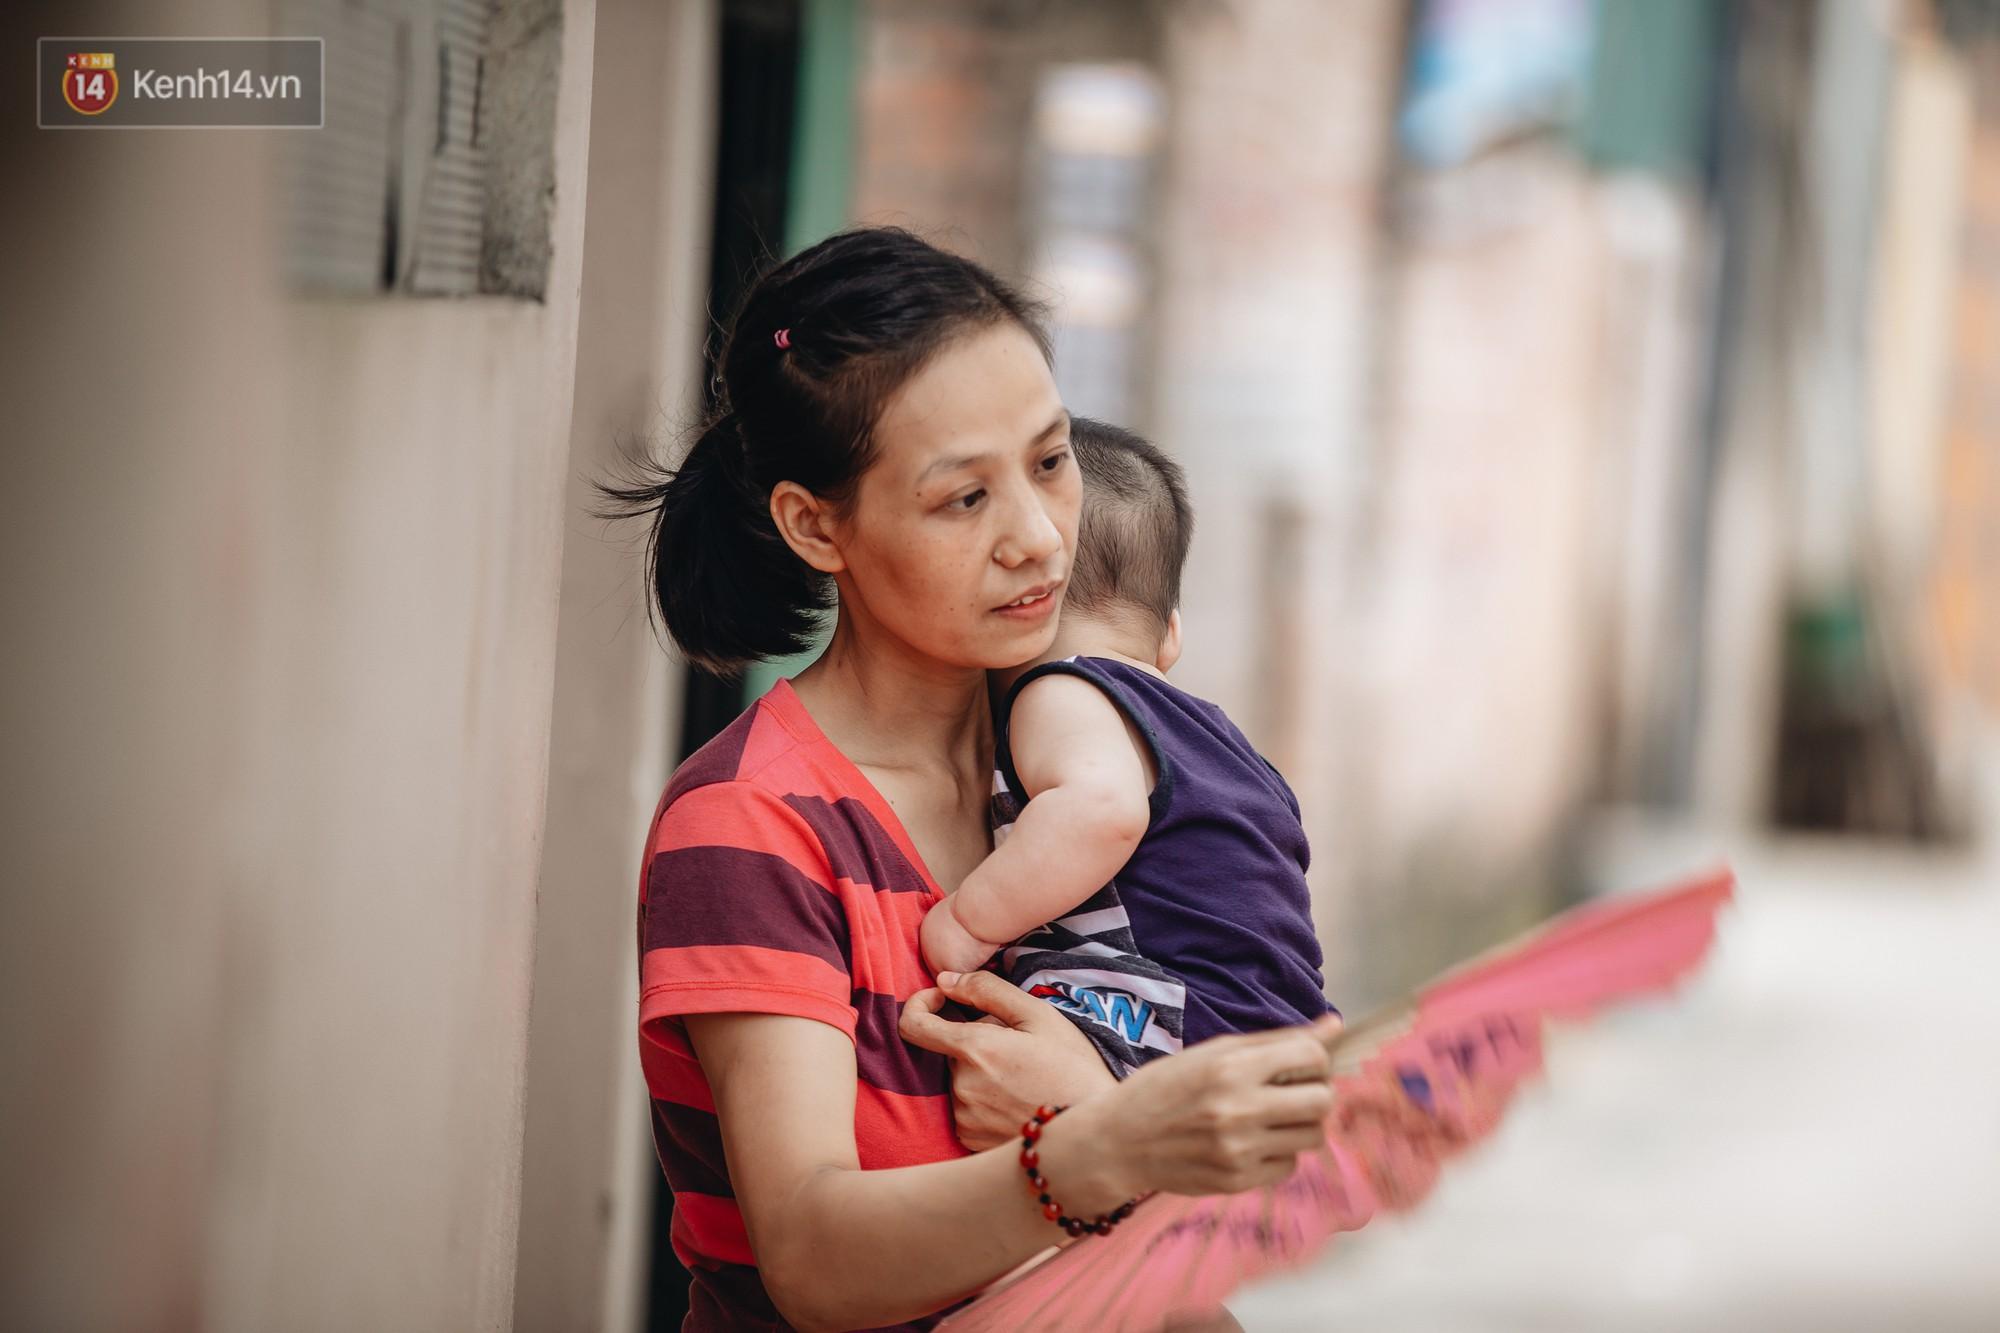 Người mẹ từ chối điều trị ung thư, chấp nhận mất đôi mắt để sinh con: Nếu có thể nhìn thấy con, tôi chẳng còn ước mơ nào lớn hơn thế - Ảnh 8.